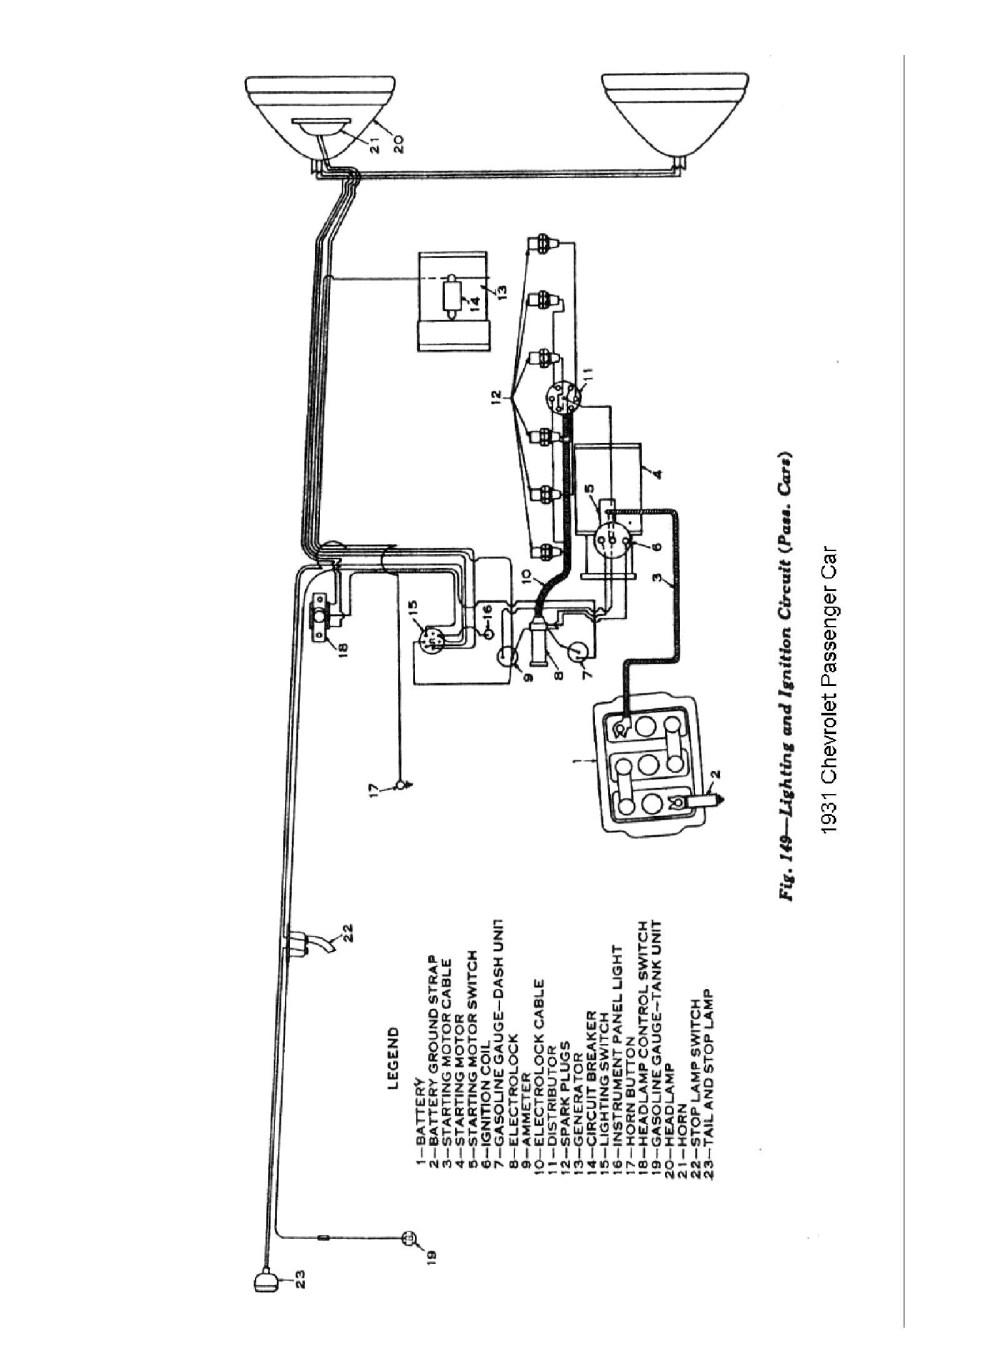 medium resolution of yale wiring schematic wiring diagram centreyale forklift wiring schematic 13